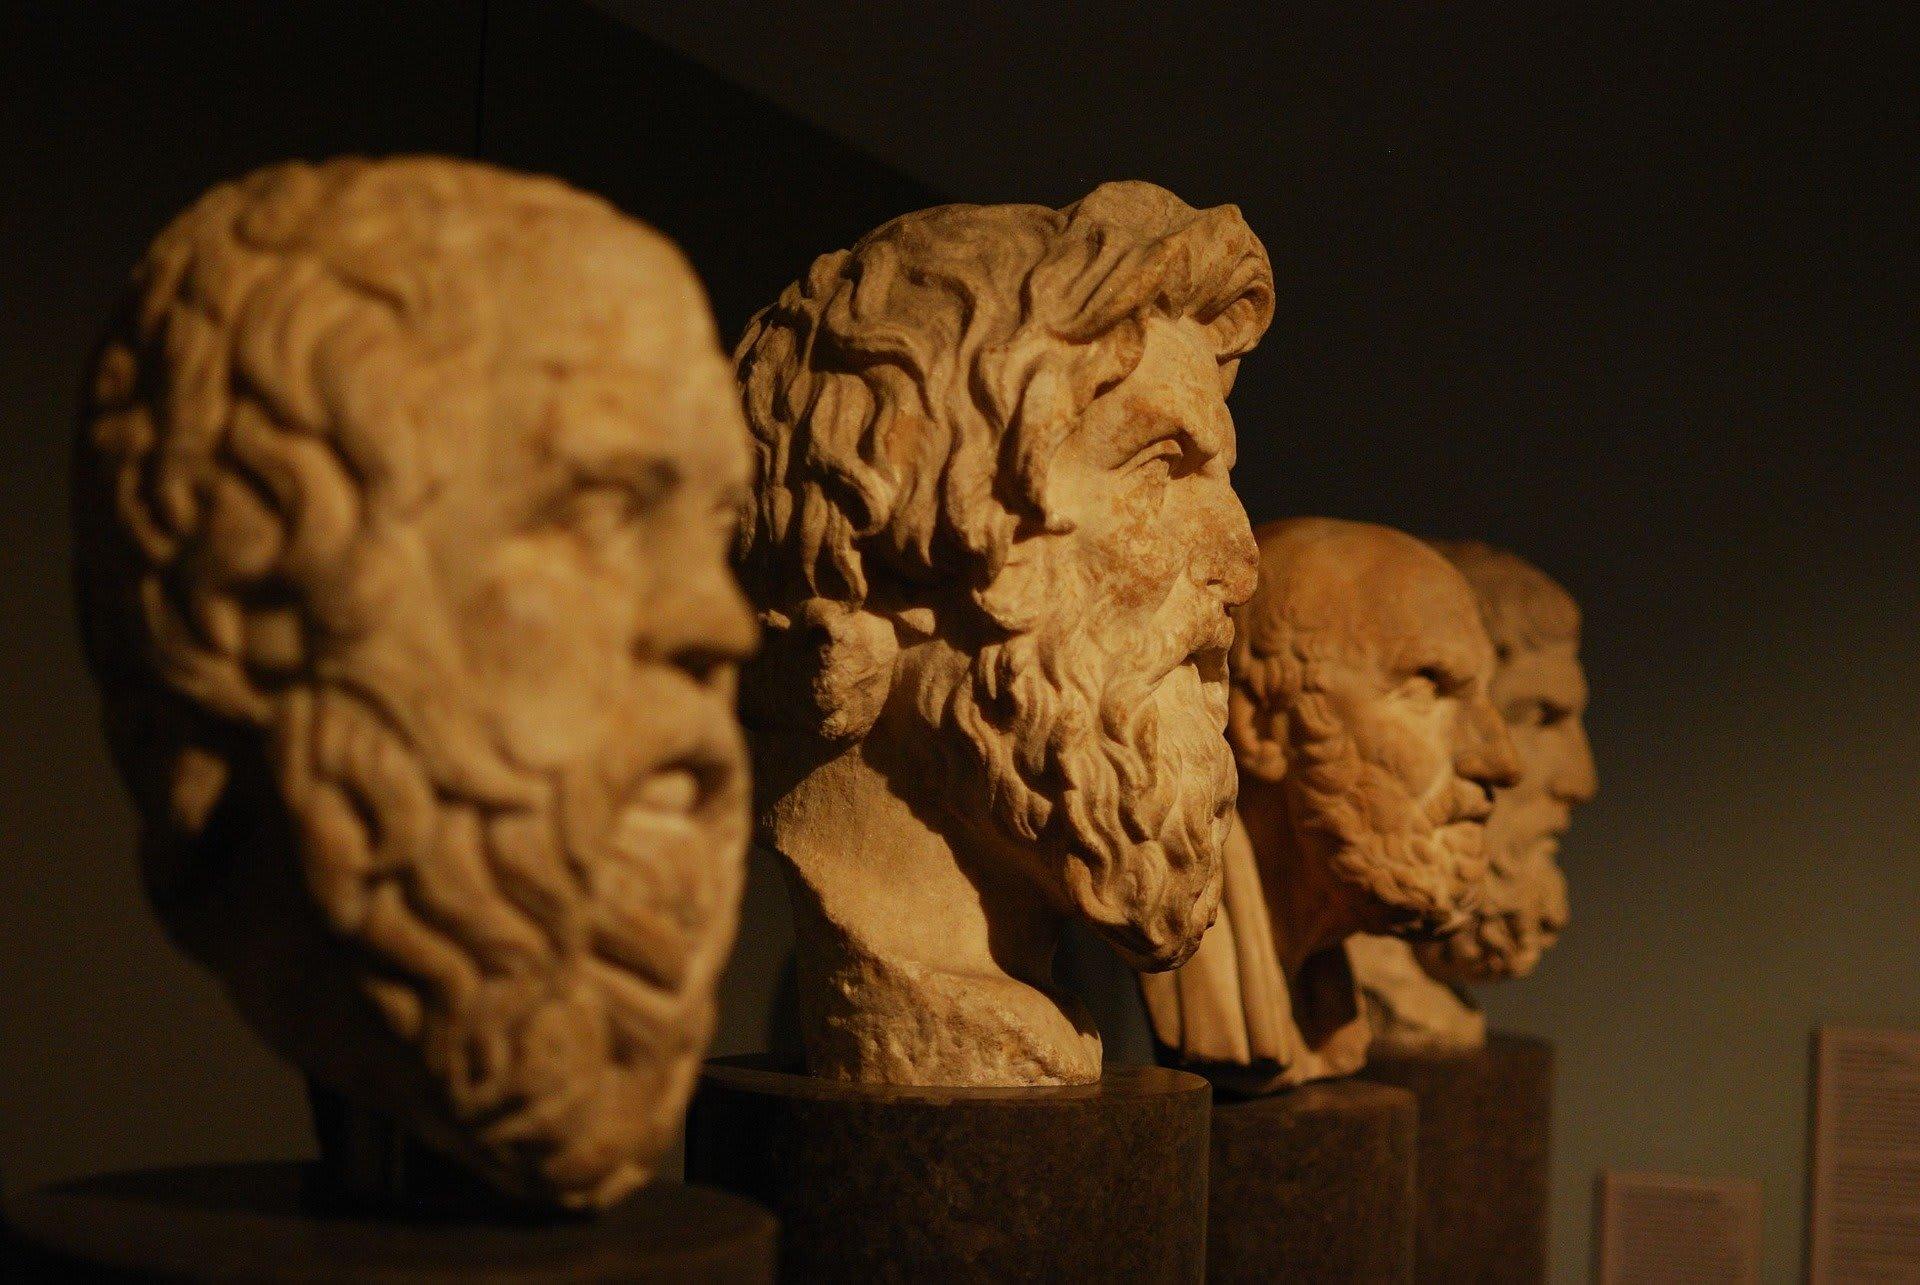 Código do mini dólar - Filósofos gregos foram os primeiros a utilizarem o sistema de contratos futuros.